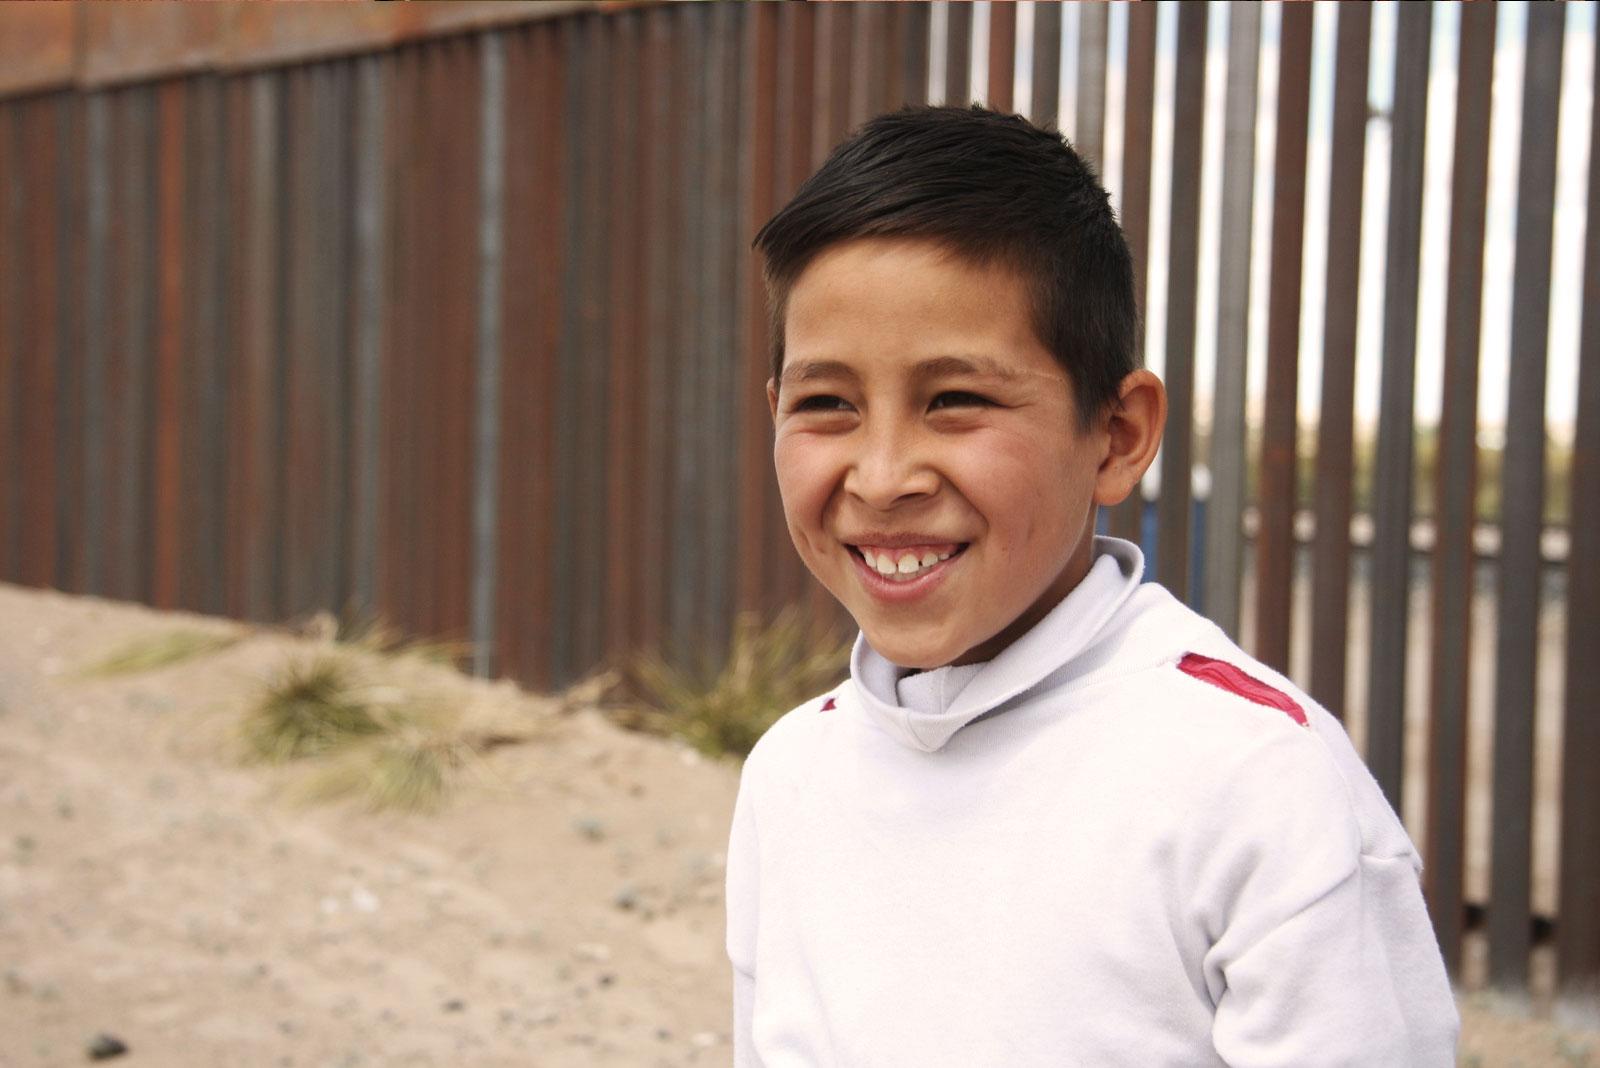 10-year-old Brian Martinez, an apprentice coyote. Benjamin Preston—The Drive